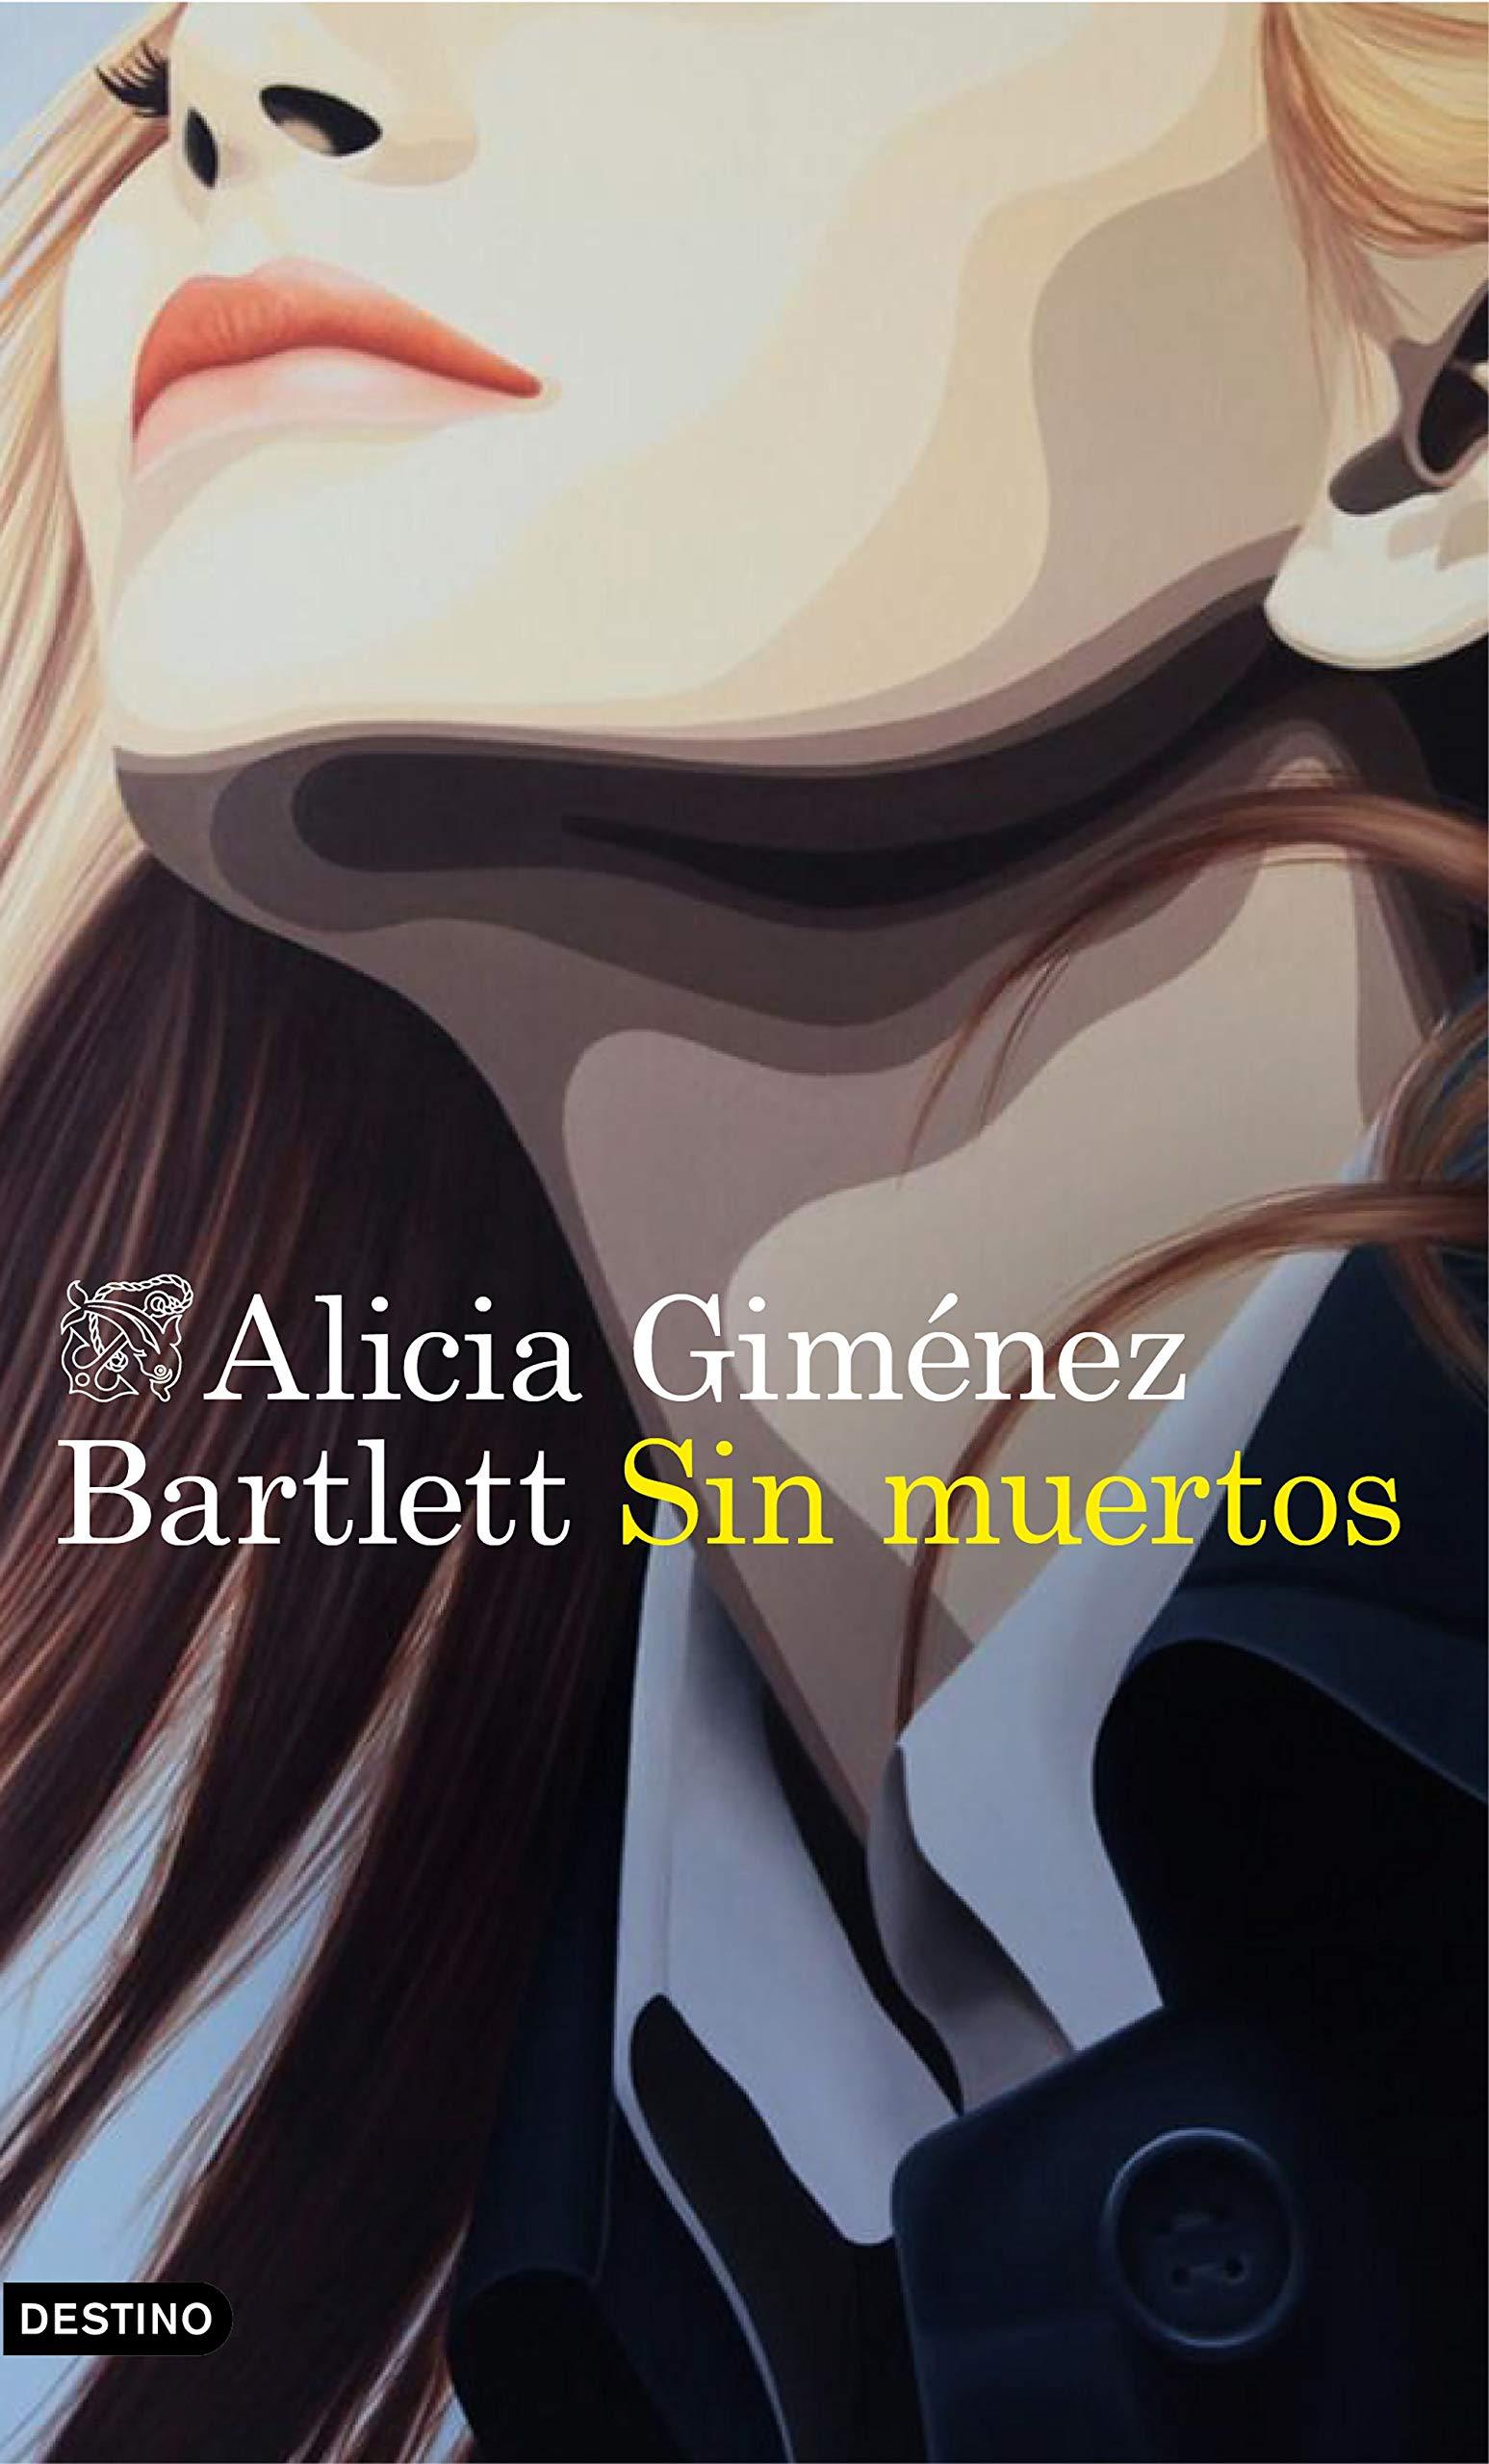 Sin muertos. Alicia Giménez Bartlett. Ed. Destino. Mujeres en la novela negra: rompiendo estereotipos. Por Lía Guerrero.